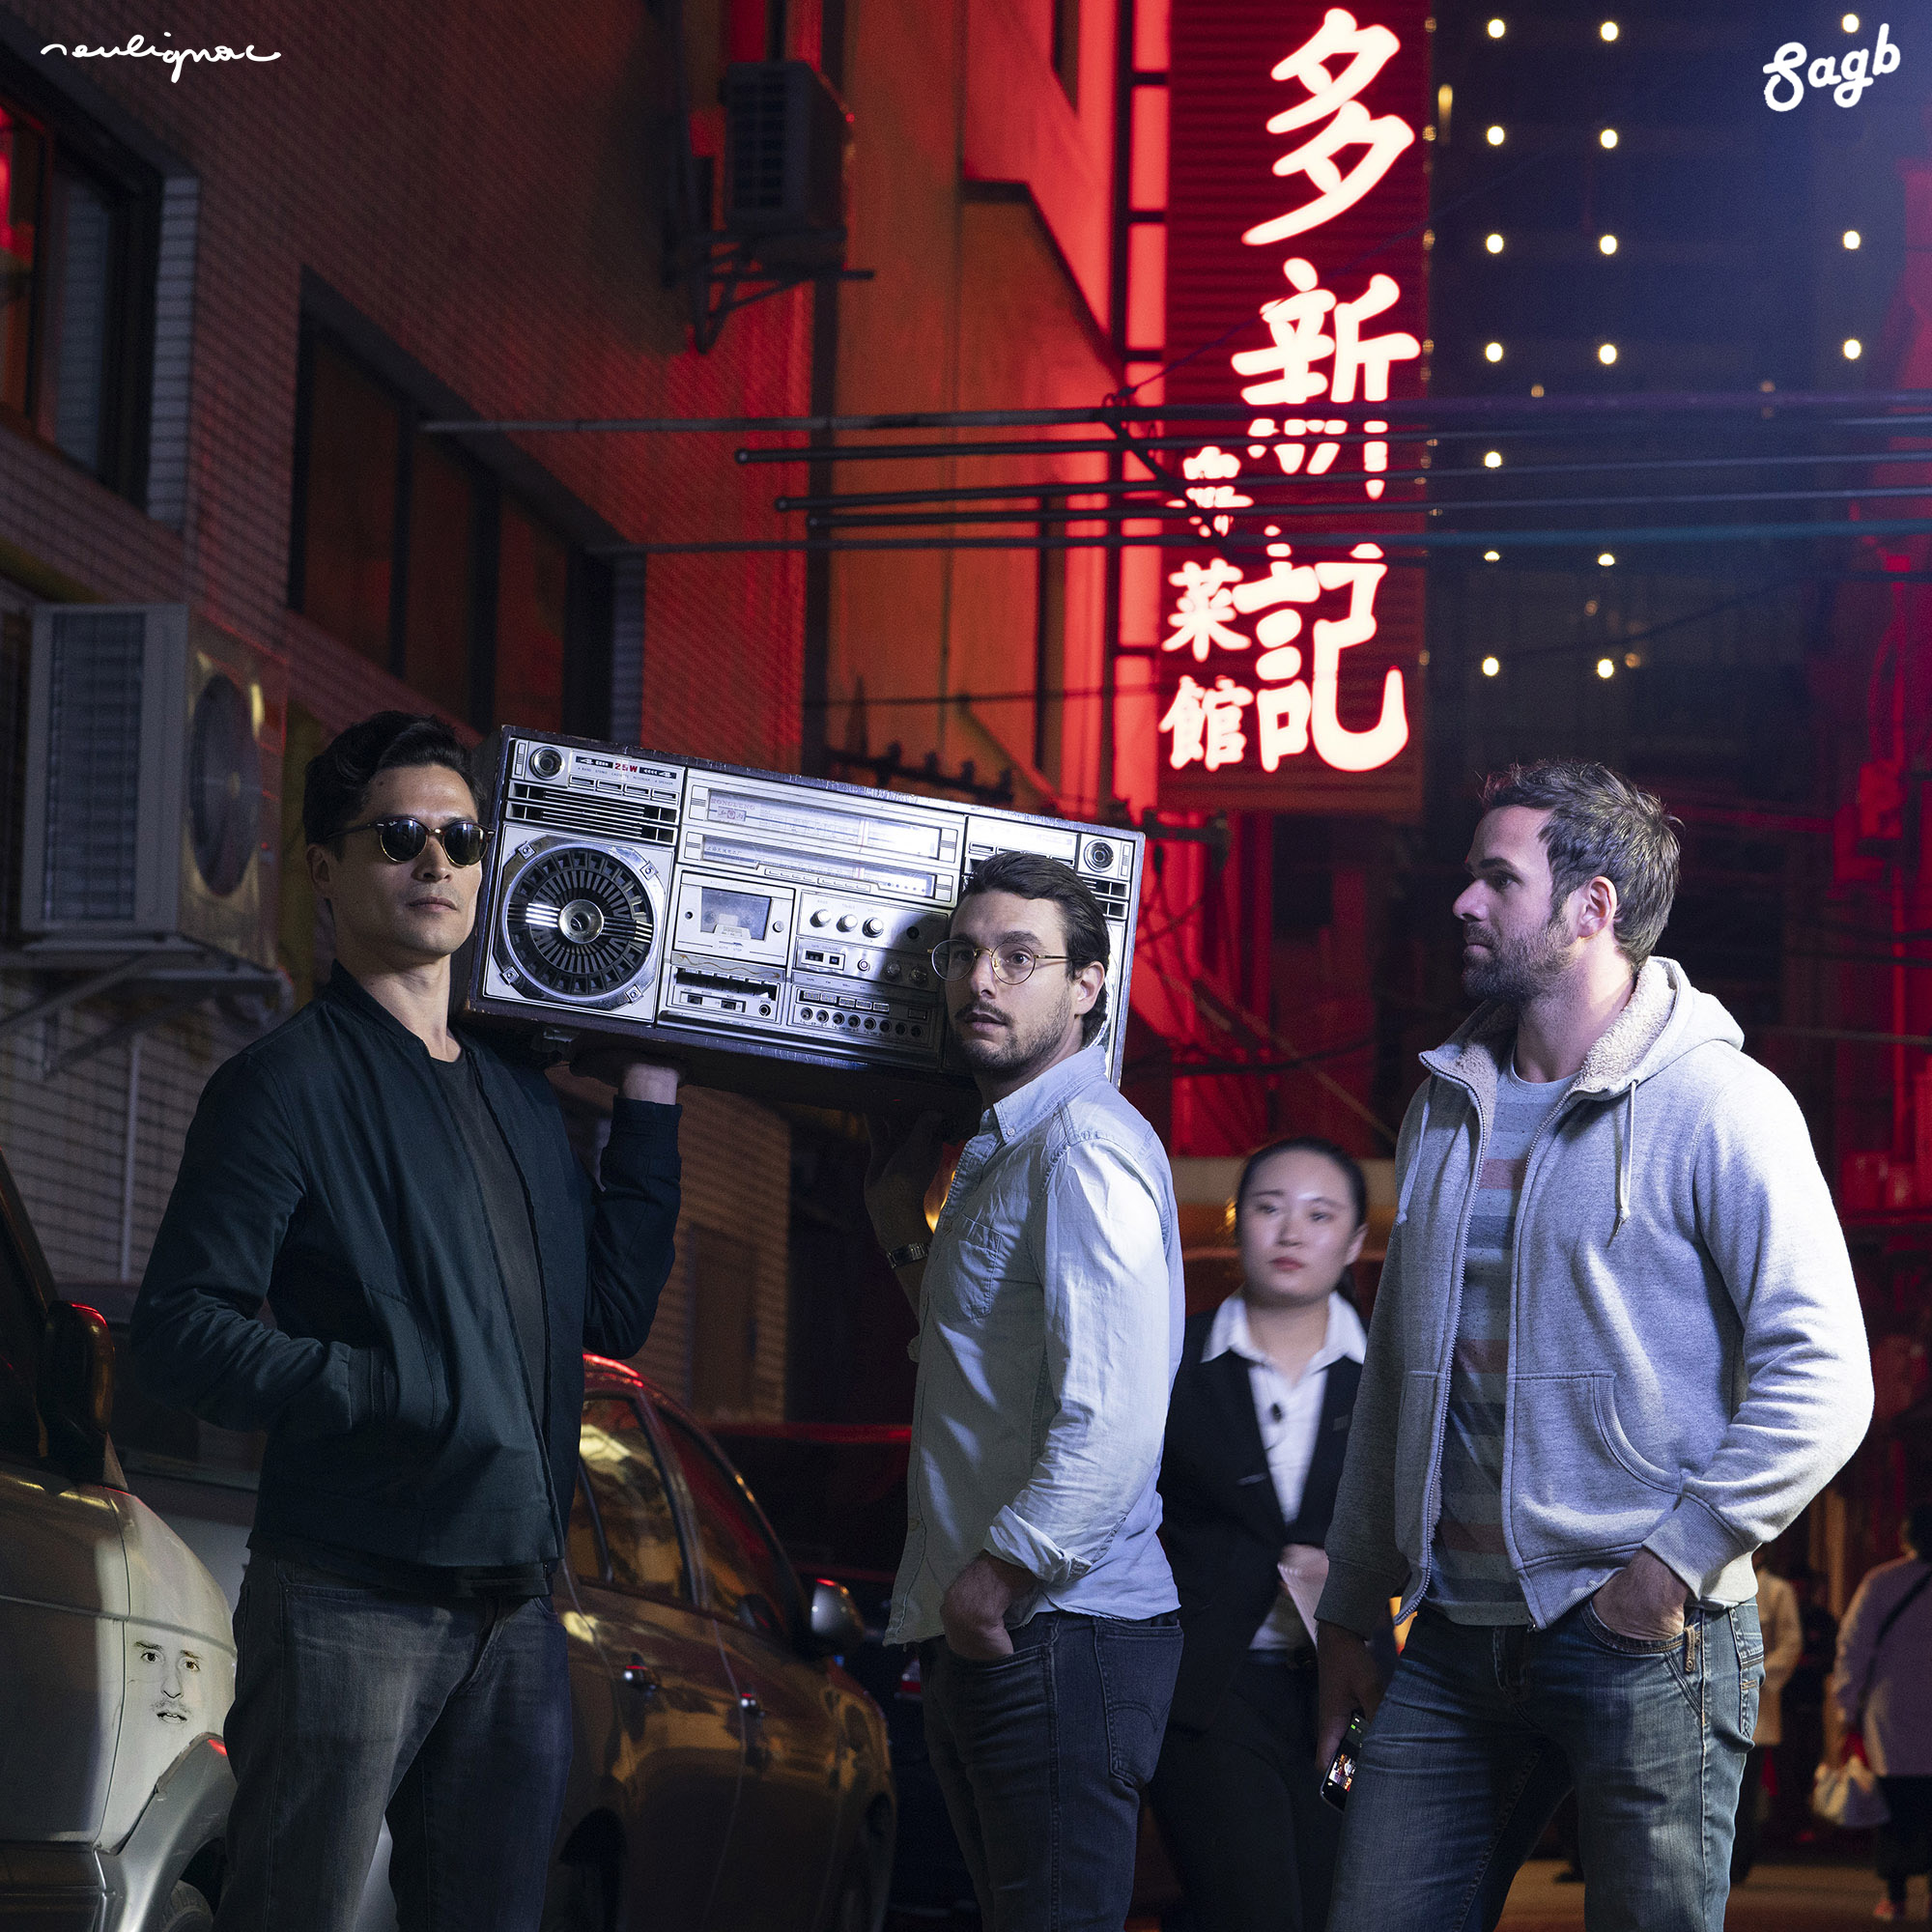 SAGB - Unico Shanghai - Super Attractive Ghetto Blaster - China